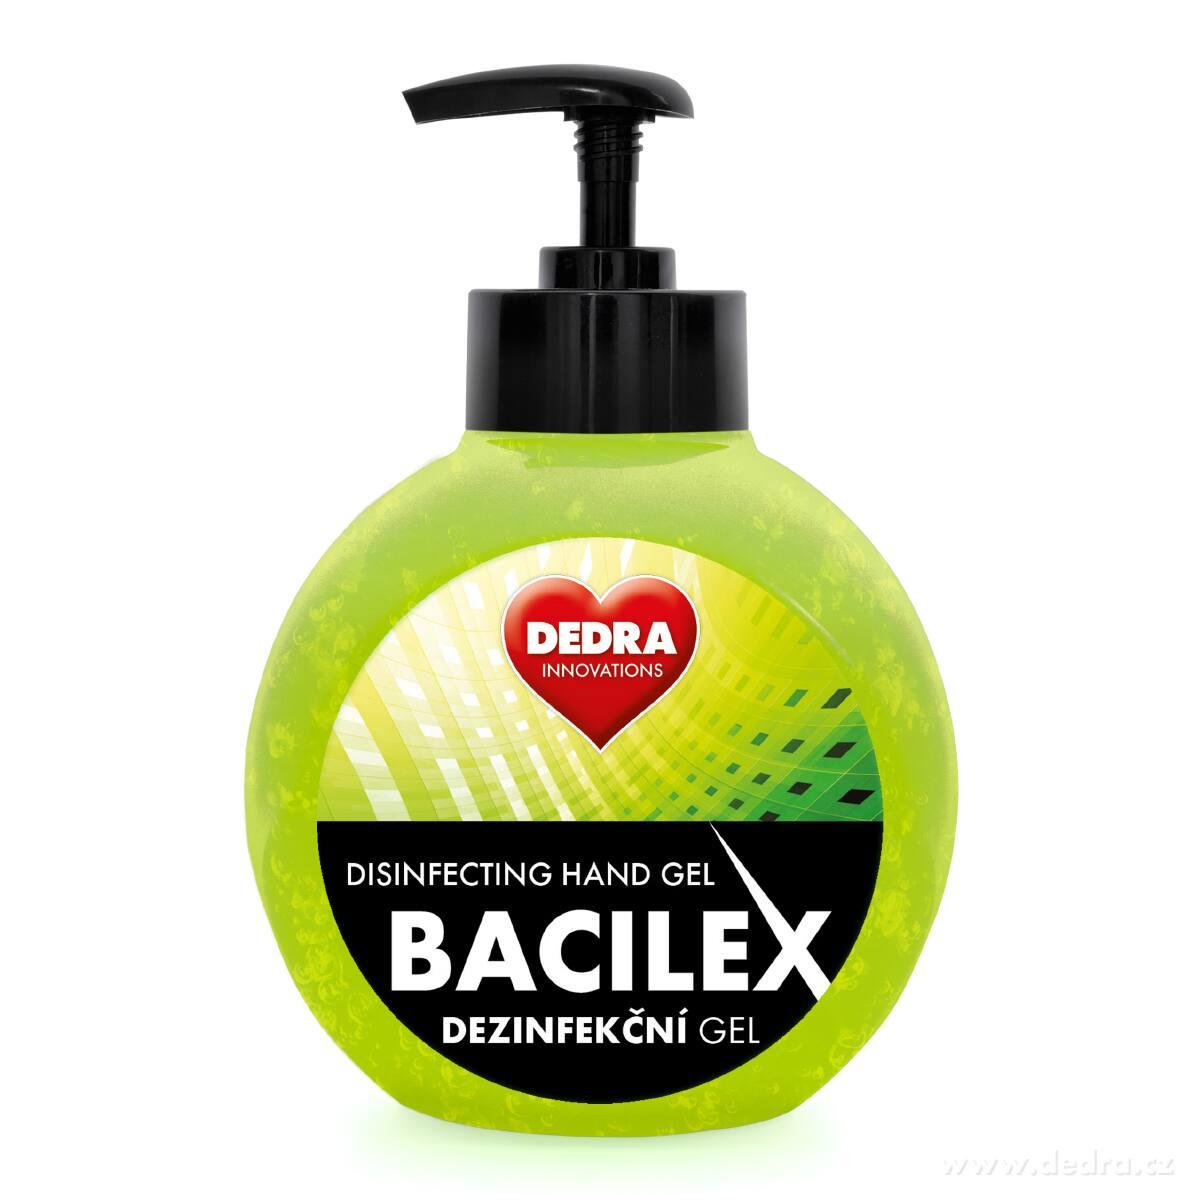 bacilex dezinfekční gel